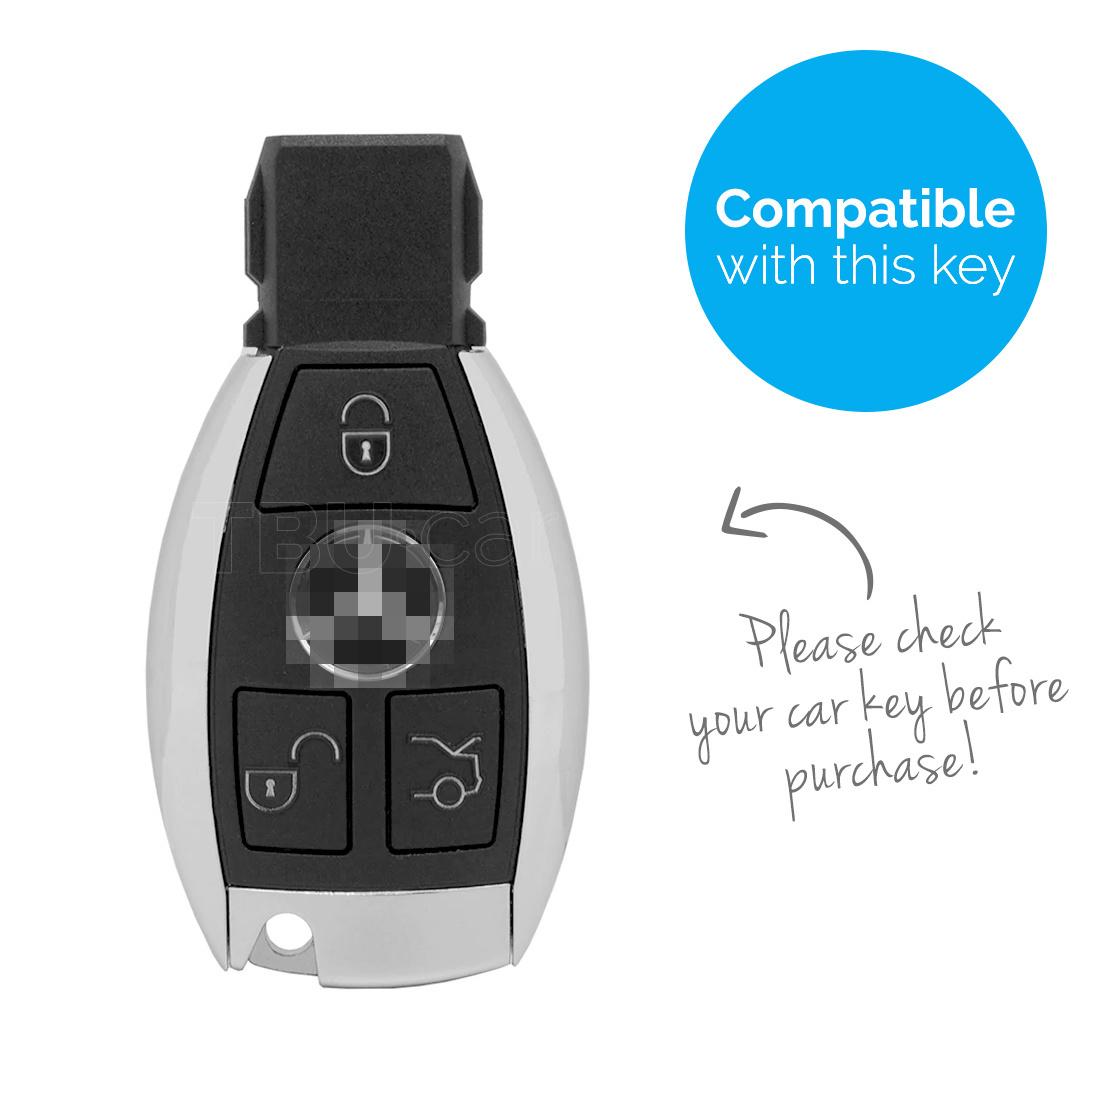 TBU car Autoschlüssel Hülle für Mercedes 3 Tasten - Schutzhülle aus Silikon - Auto Schlüsselhülle Cover in Zebra